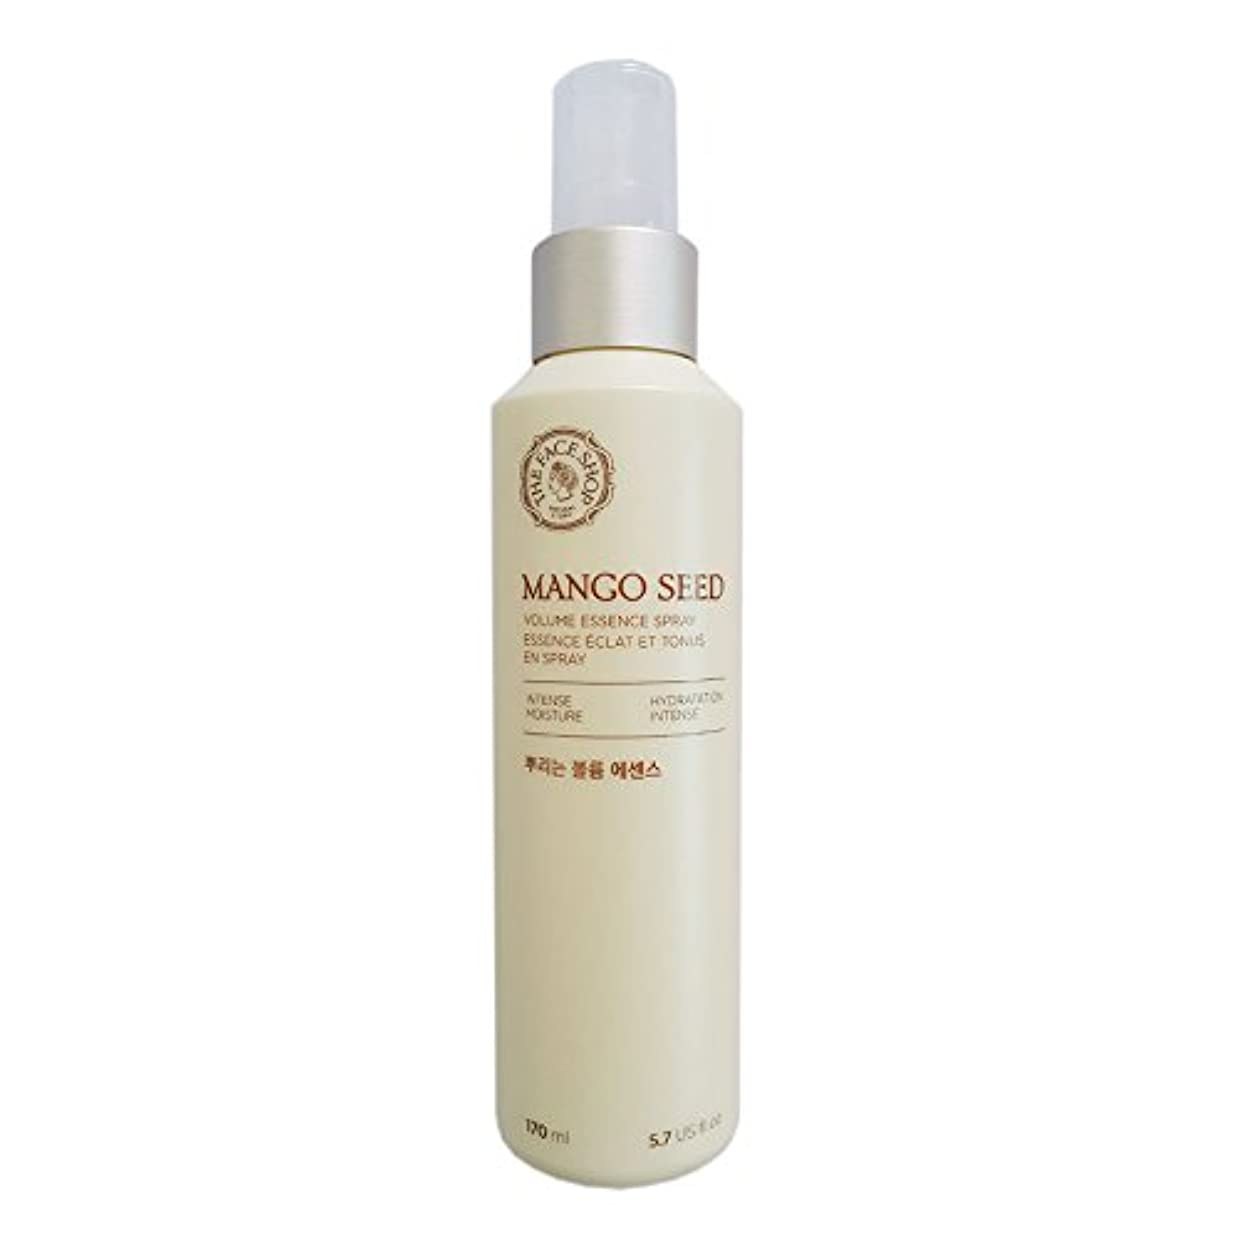 赤道椅子アラート[ザフェイスショップ] THE FACE SHOP マンゴシードスプレーボリューム?エッセンス(170ml) The Face Shop Mango Seed Volume Essence Spray (170ml) [海外直送品]